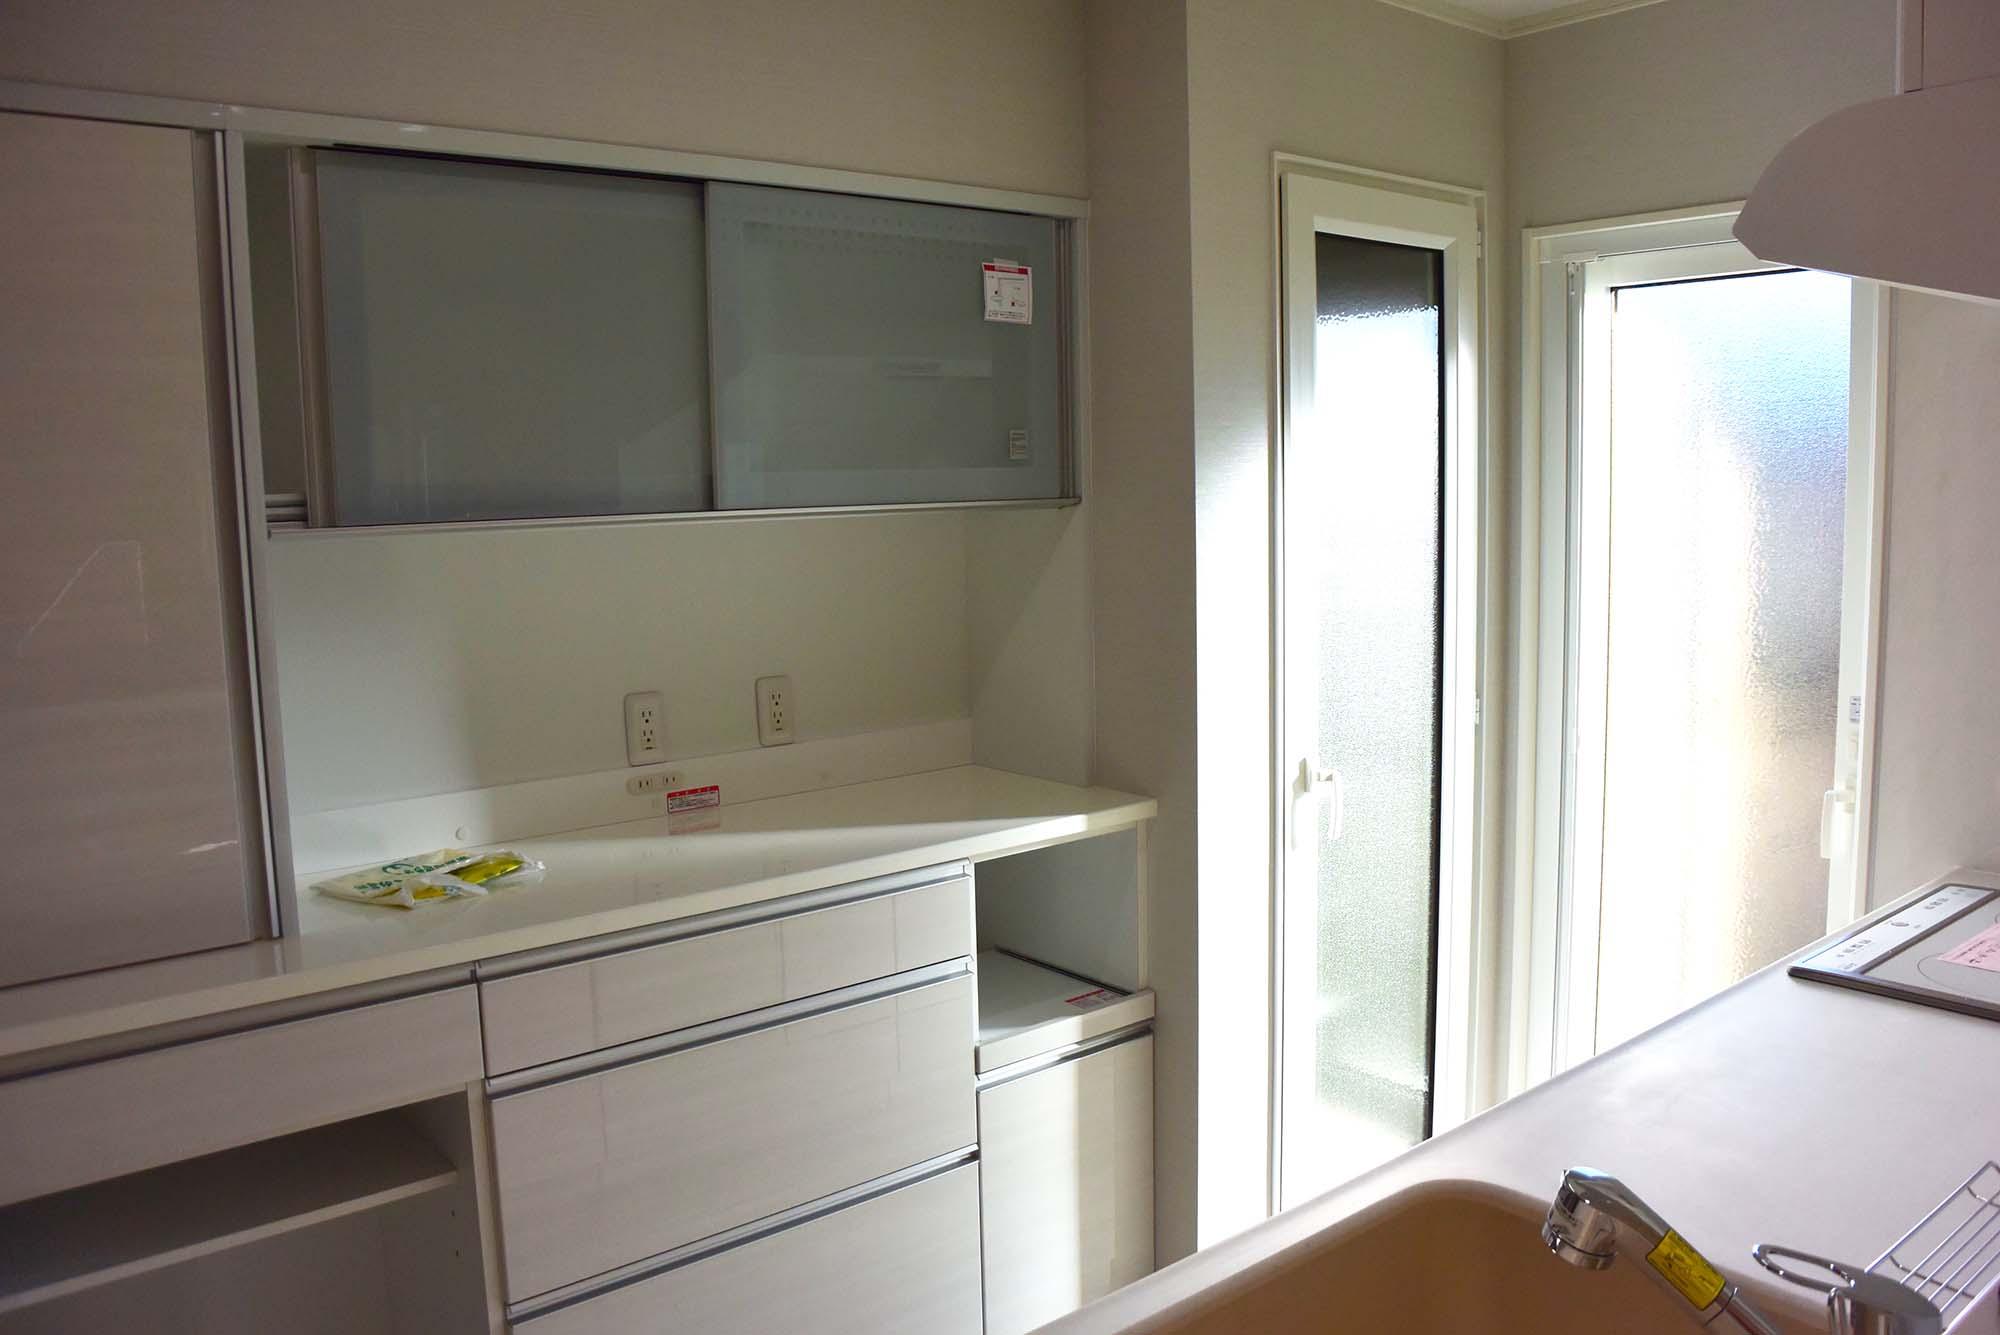 キッチンスペースの右端には、大きな冷温庫を設置しました。